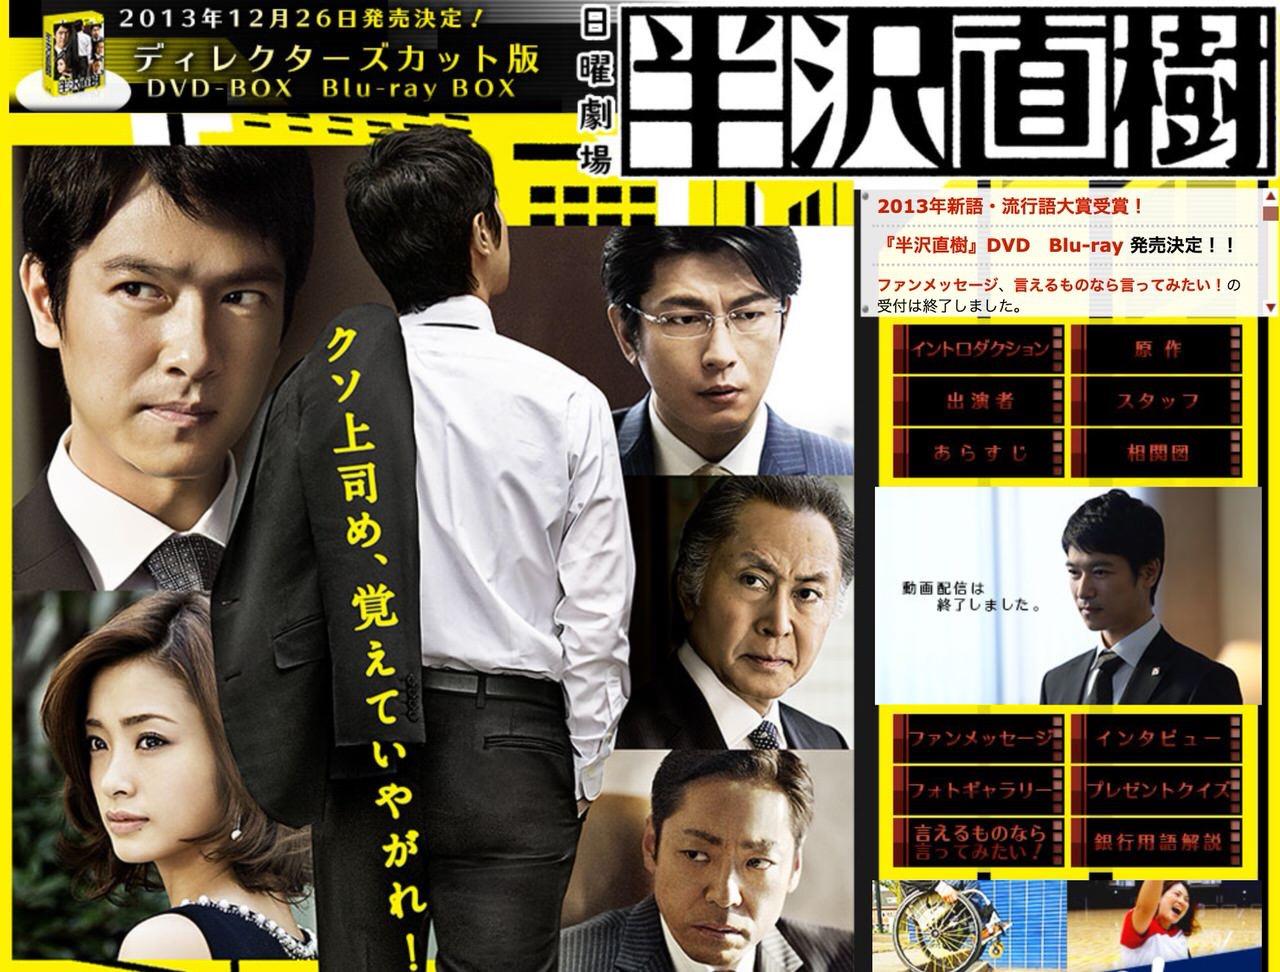 ドラマ「半沢直樹」約7年ぶりの続編決定